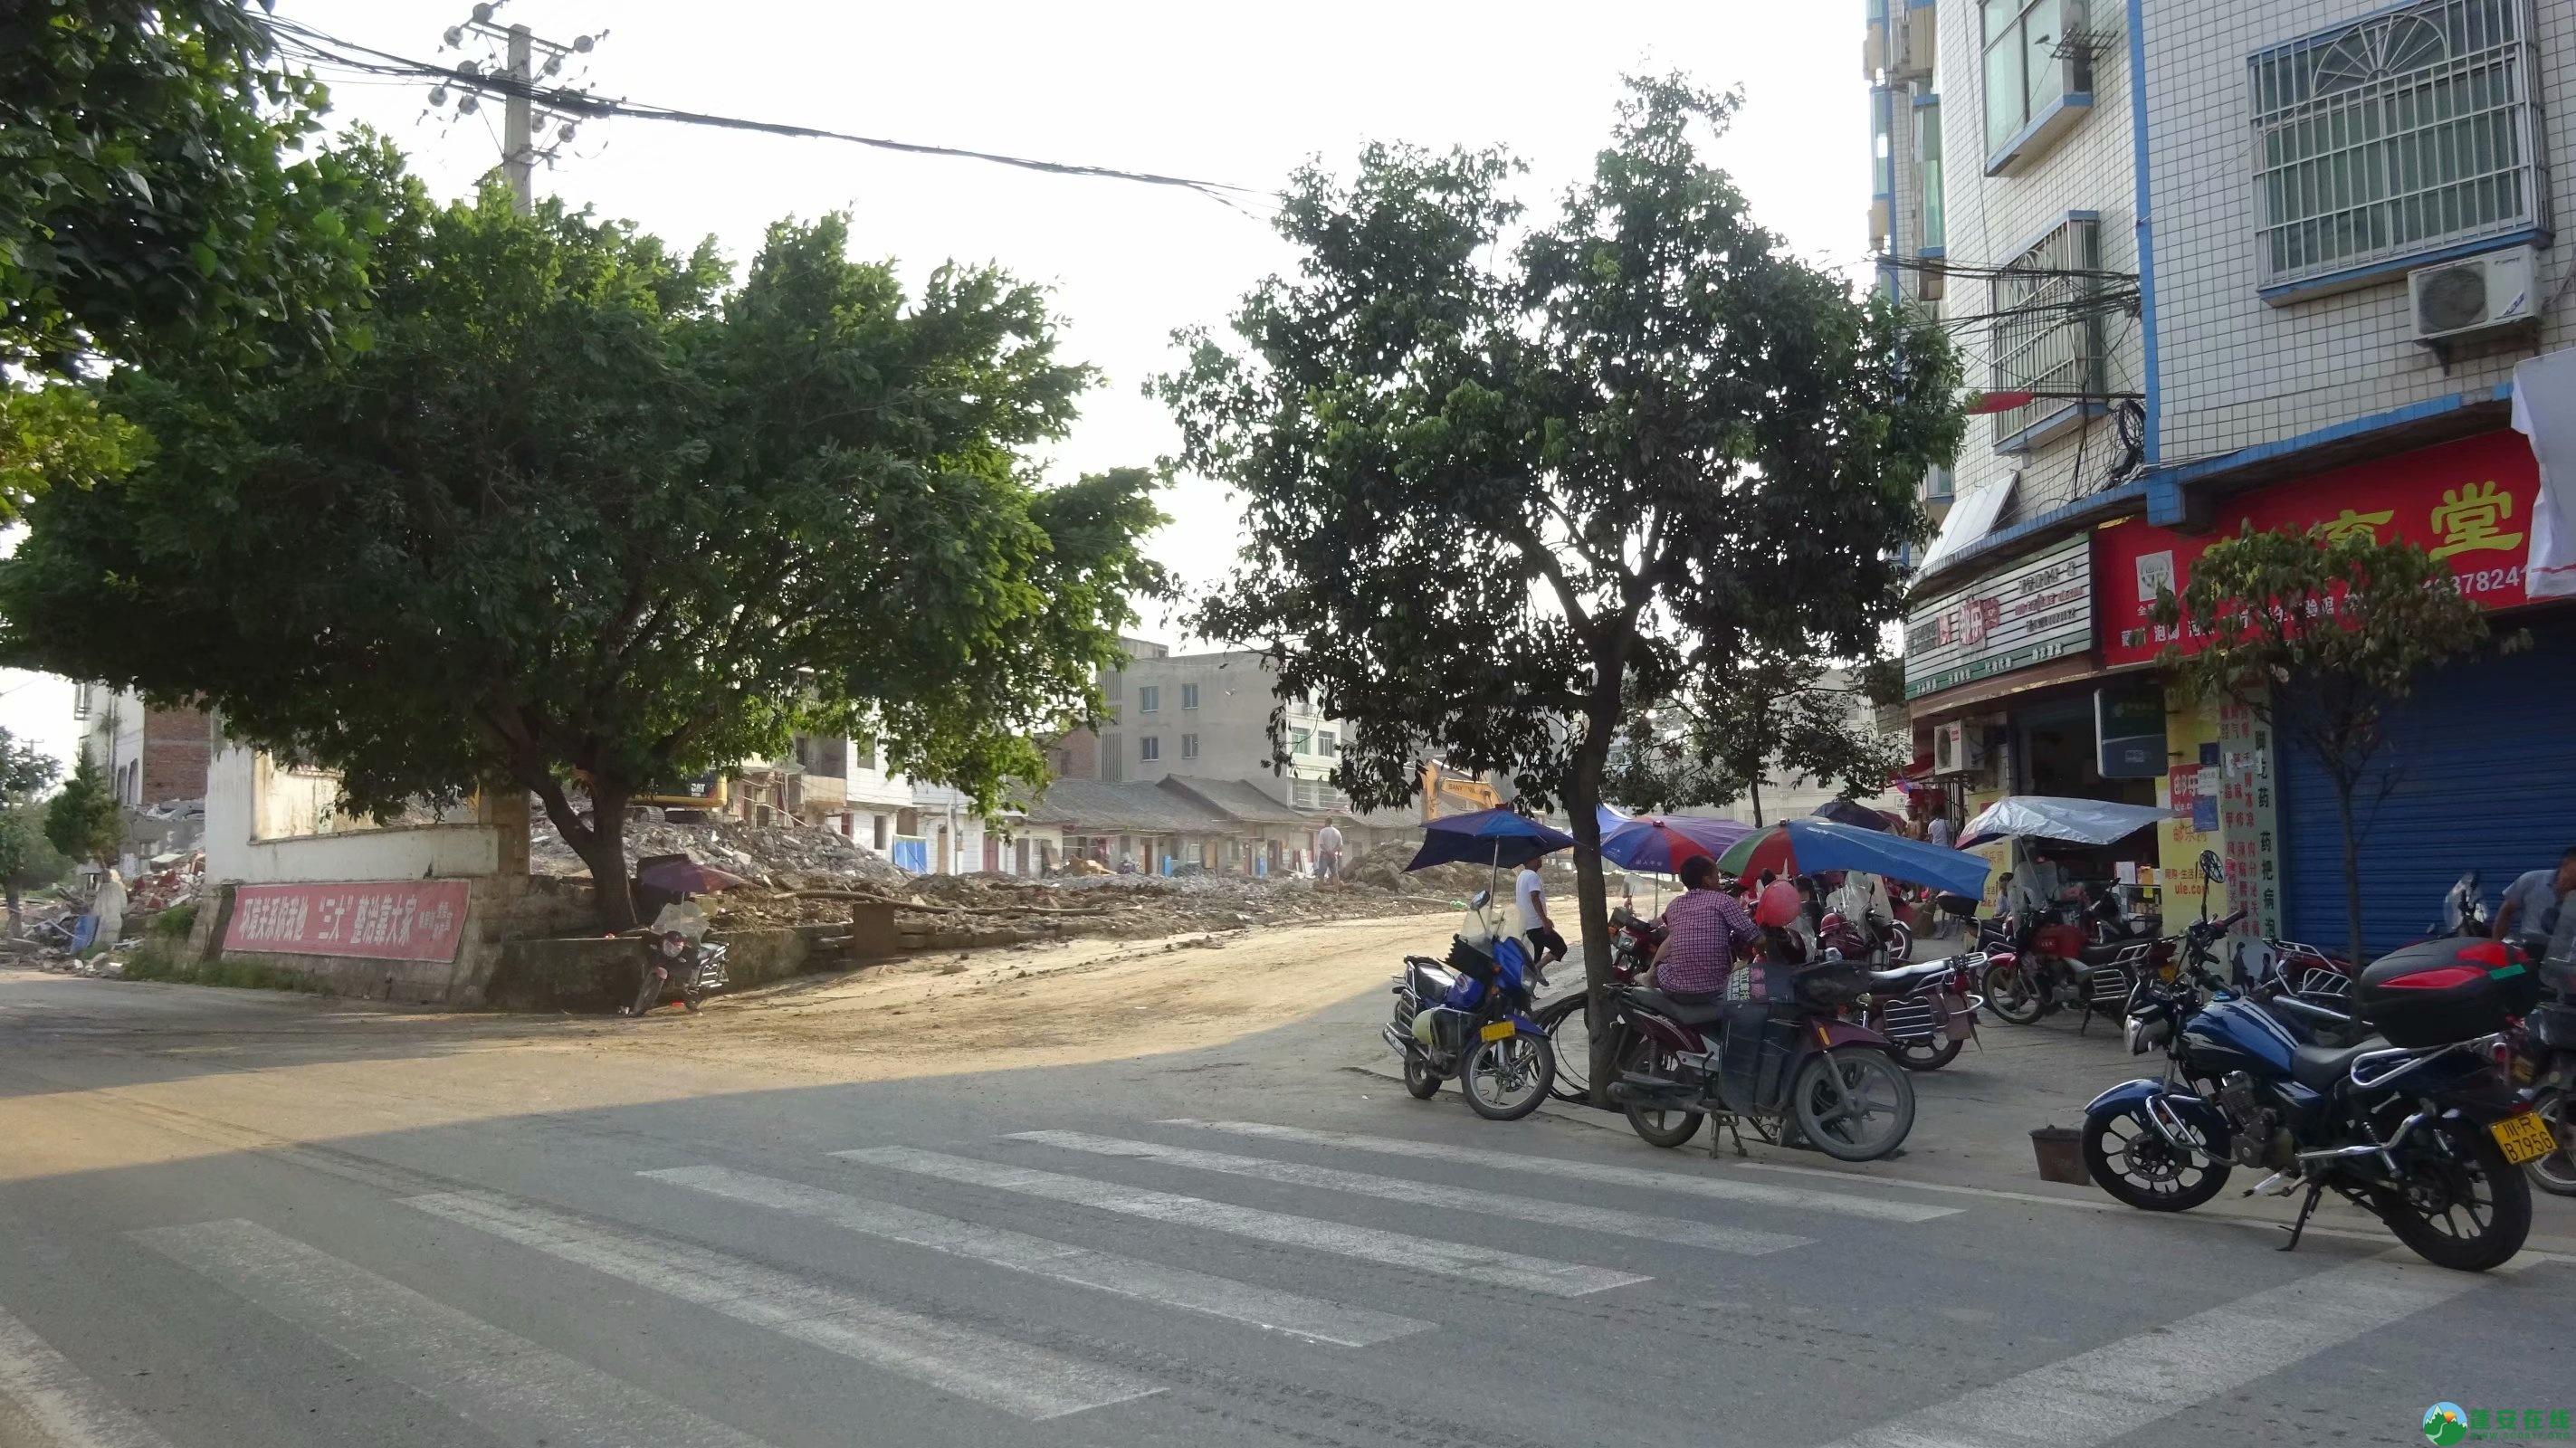 蓬安锦屏相如故城建设迅猛 - 第72张  | 蓬安在线